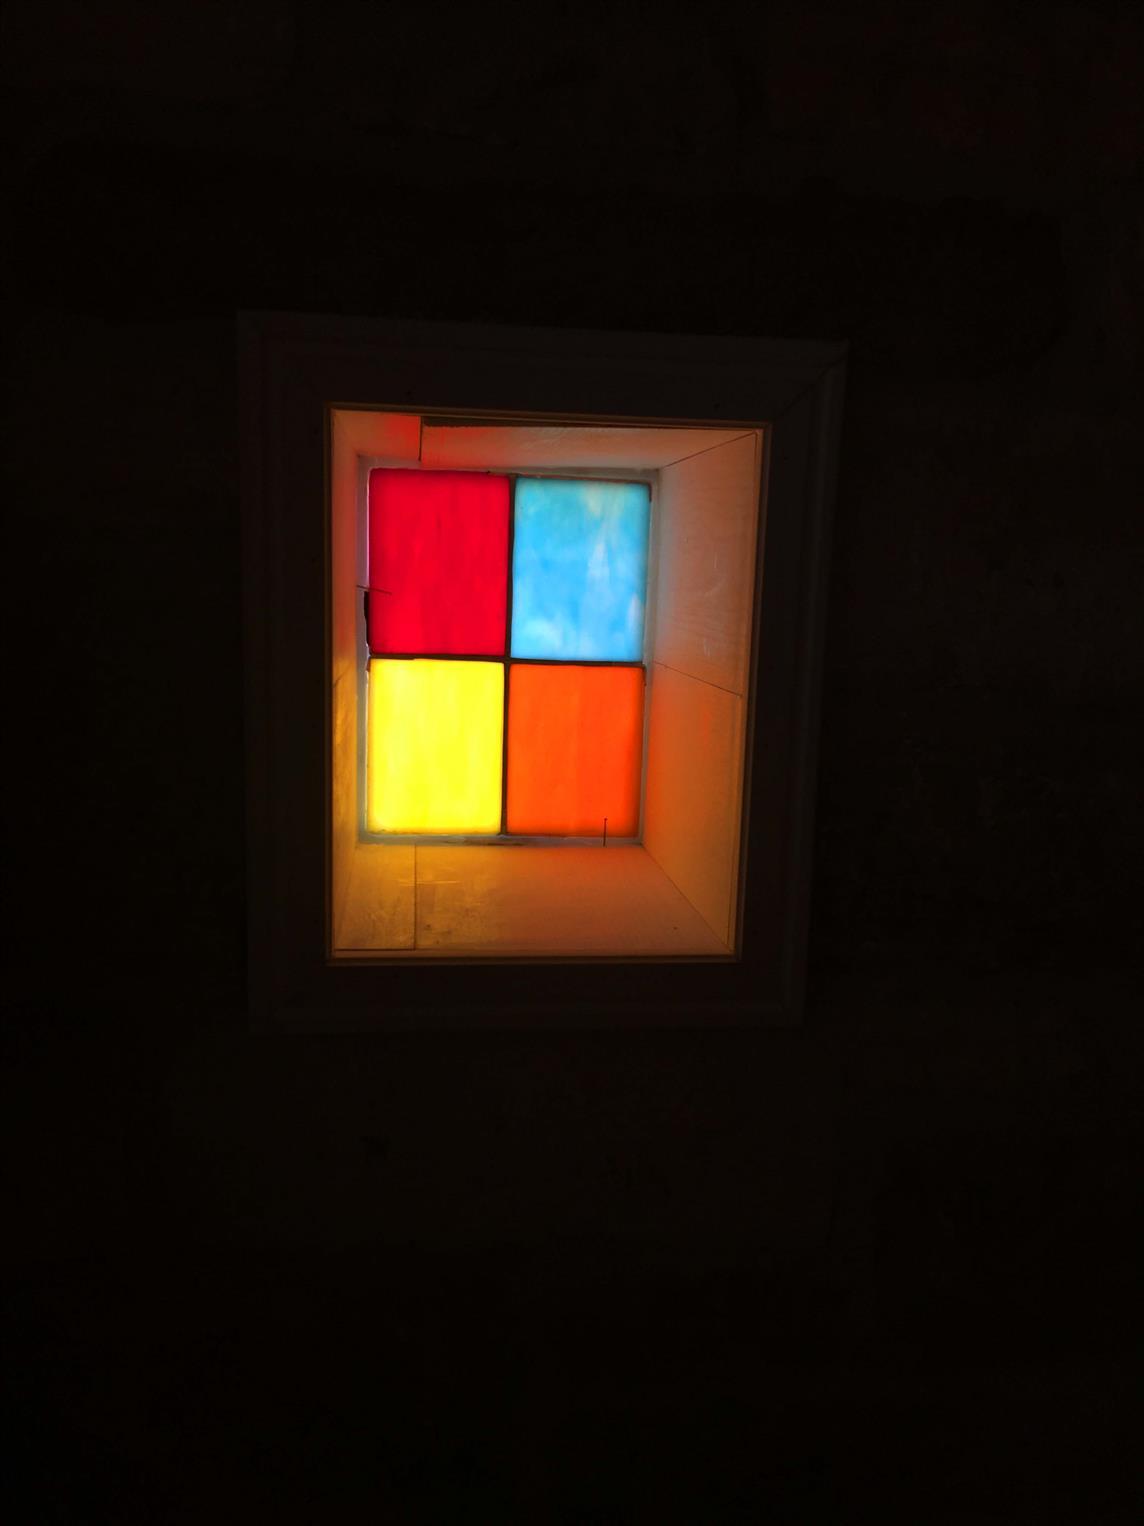 cesme-butik-otel202012015359310.jpg izmir vitray çalışması